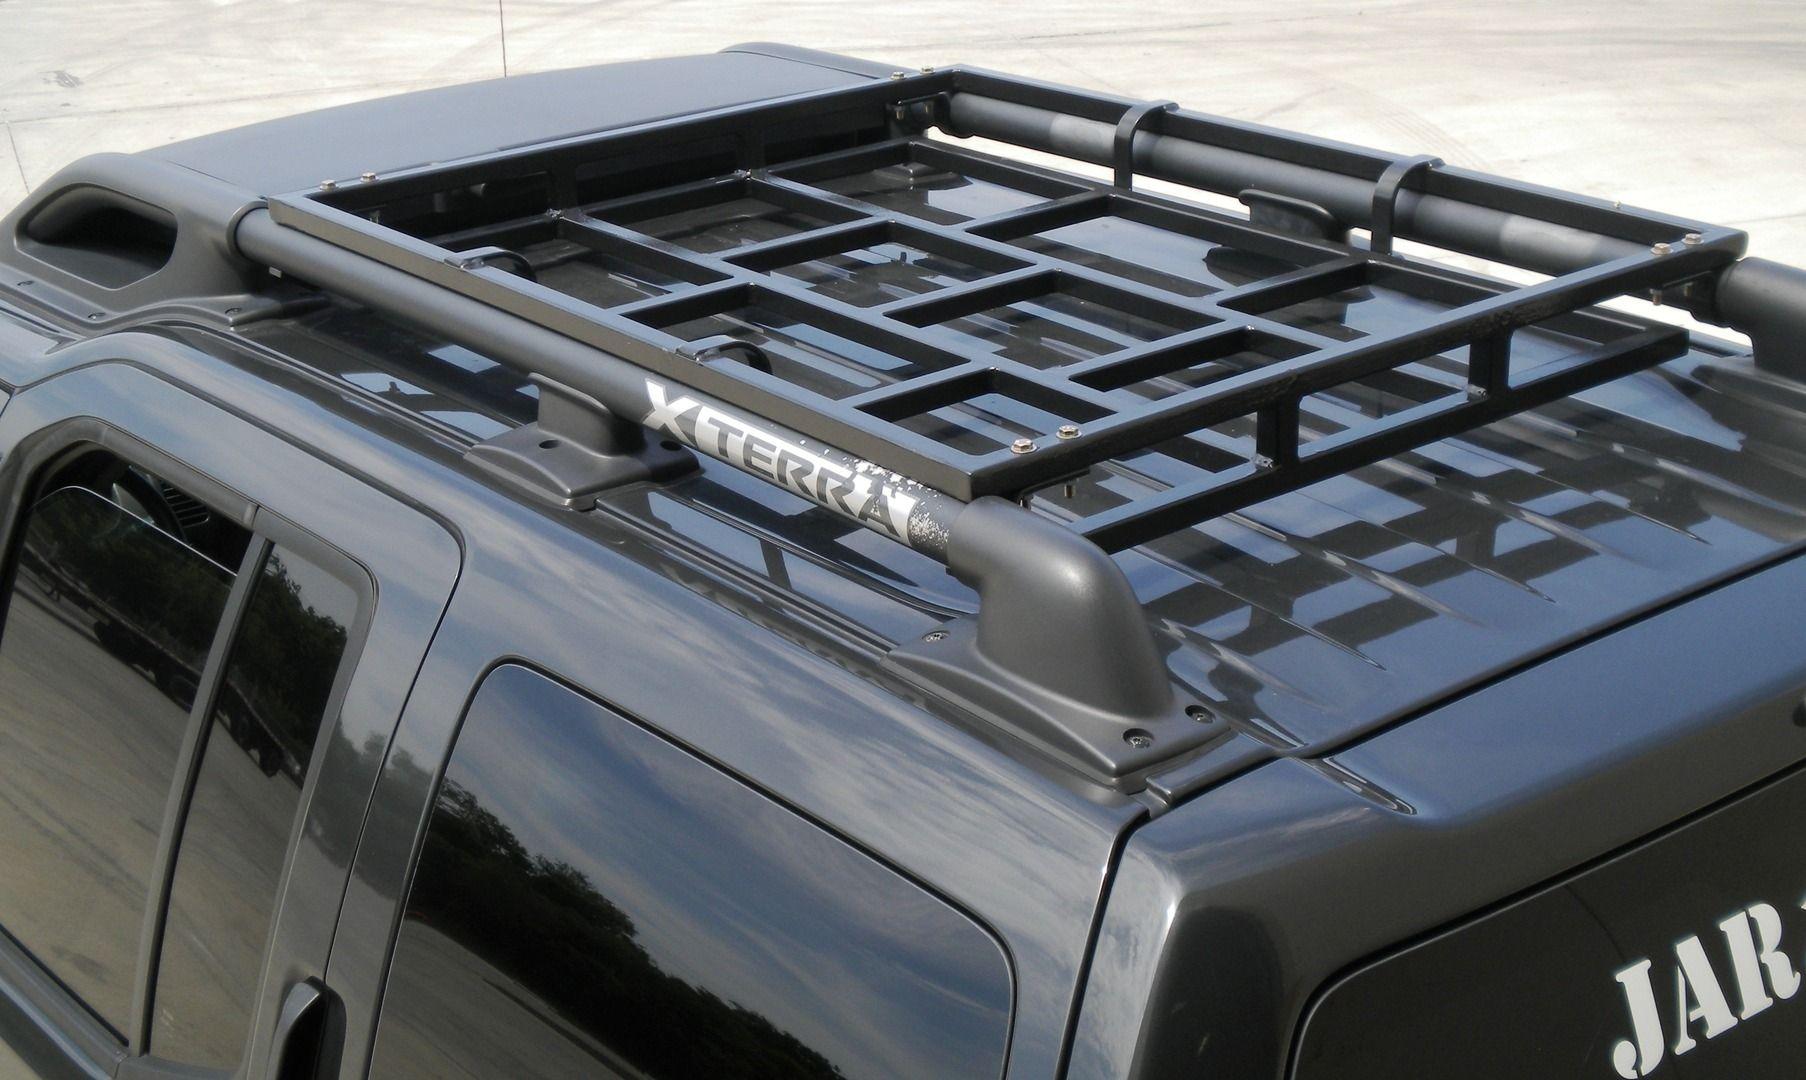 Hep S Designs Roof Rack Roof Rack Nissan Xterra Car Racks